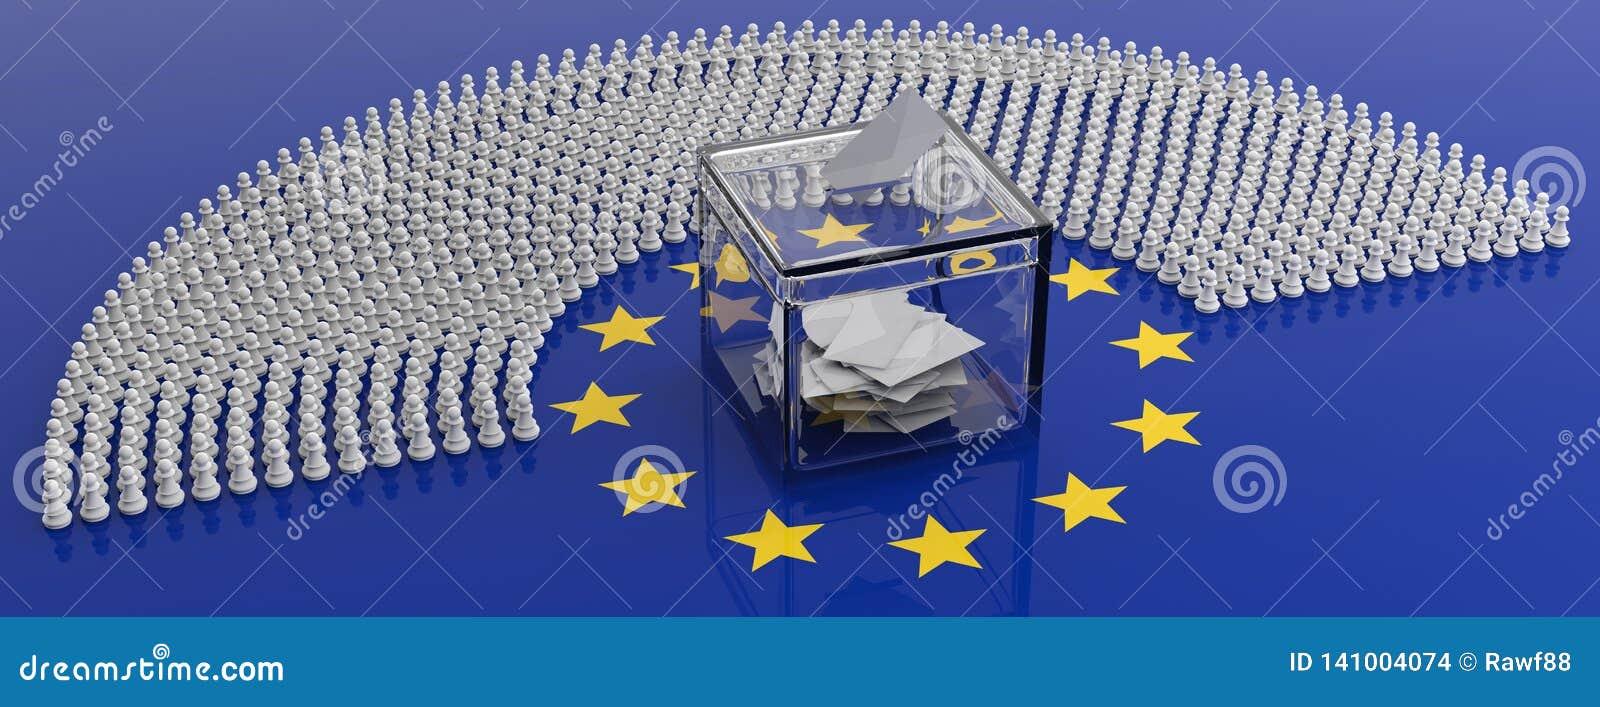 Parlamentów Europejskich członkowie gdy pionkowie i głosuje pudełko na UE fladze, 3d ilustracja